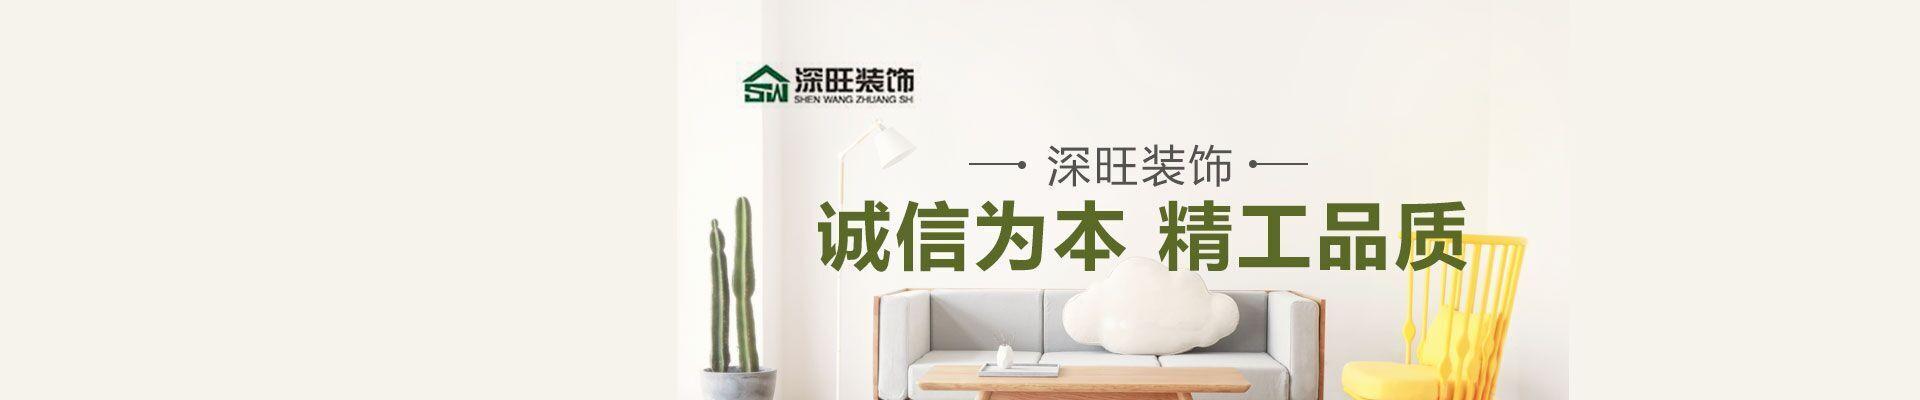 邯郸深旺建筑装饰工程有限公司